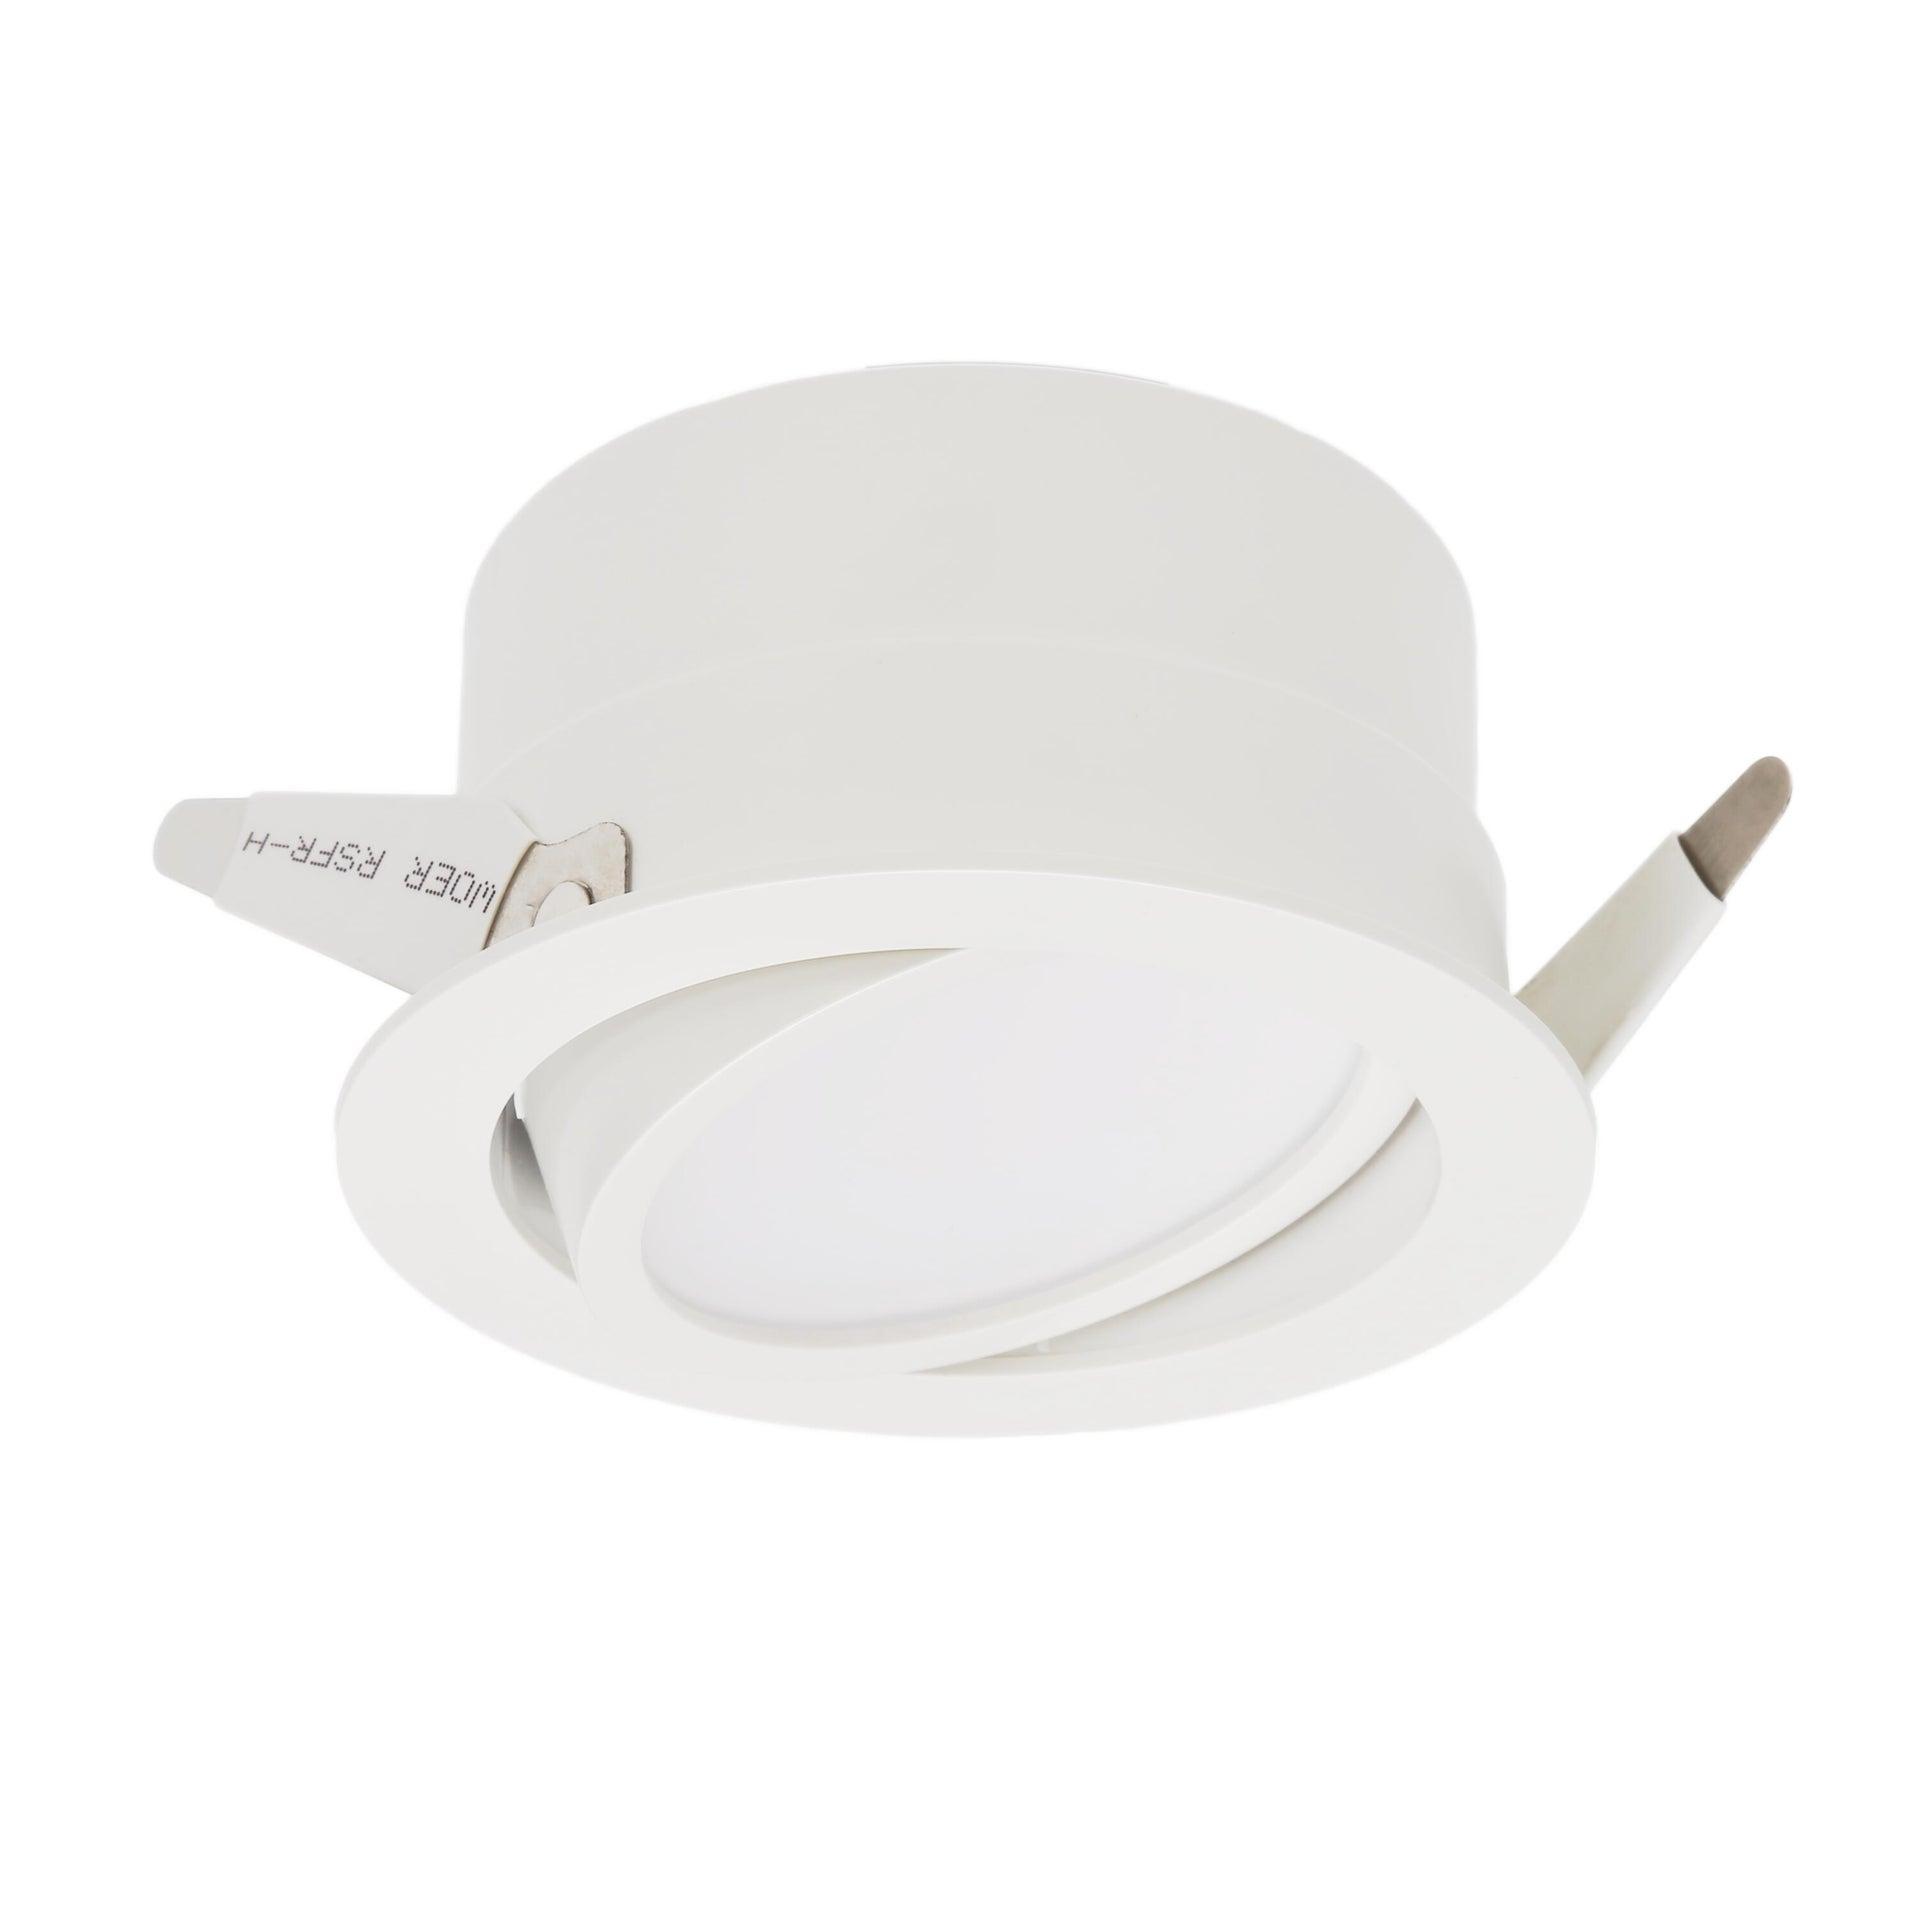 Faretto orientabile da incasso tondo Ori Lindi bianco, diam. 9 cm LED integrato 6.3W 550LM IP65 INSPIRE - 4